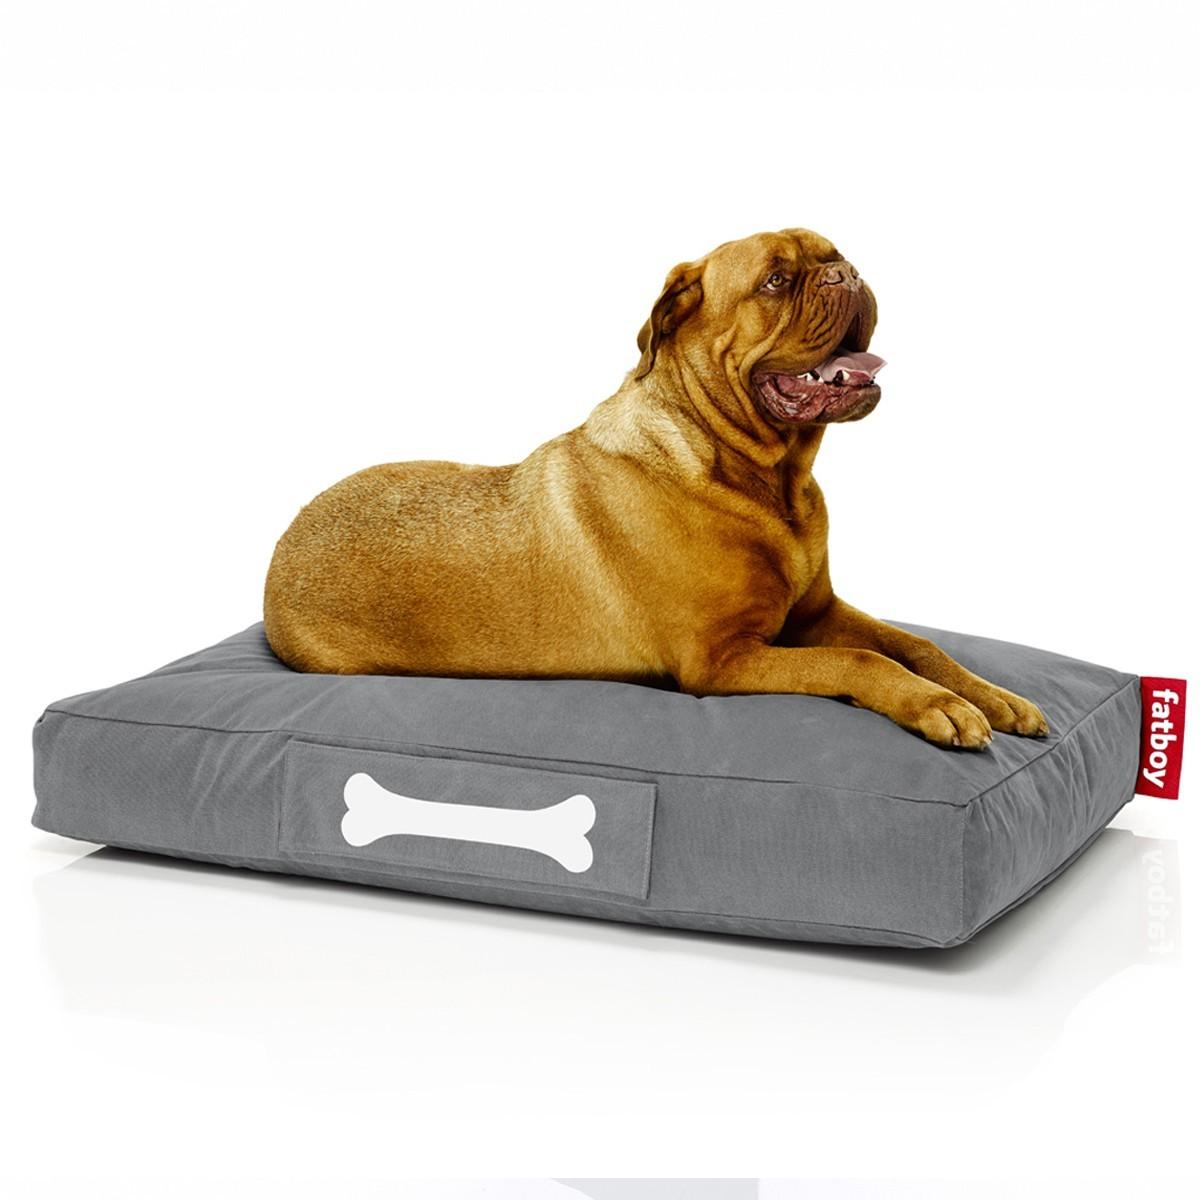 Coussin pour chien DOGGIELOUNGE STONEWASHED de Fatboy grand modèle ...